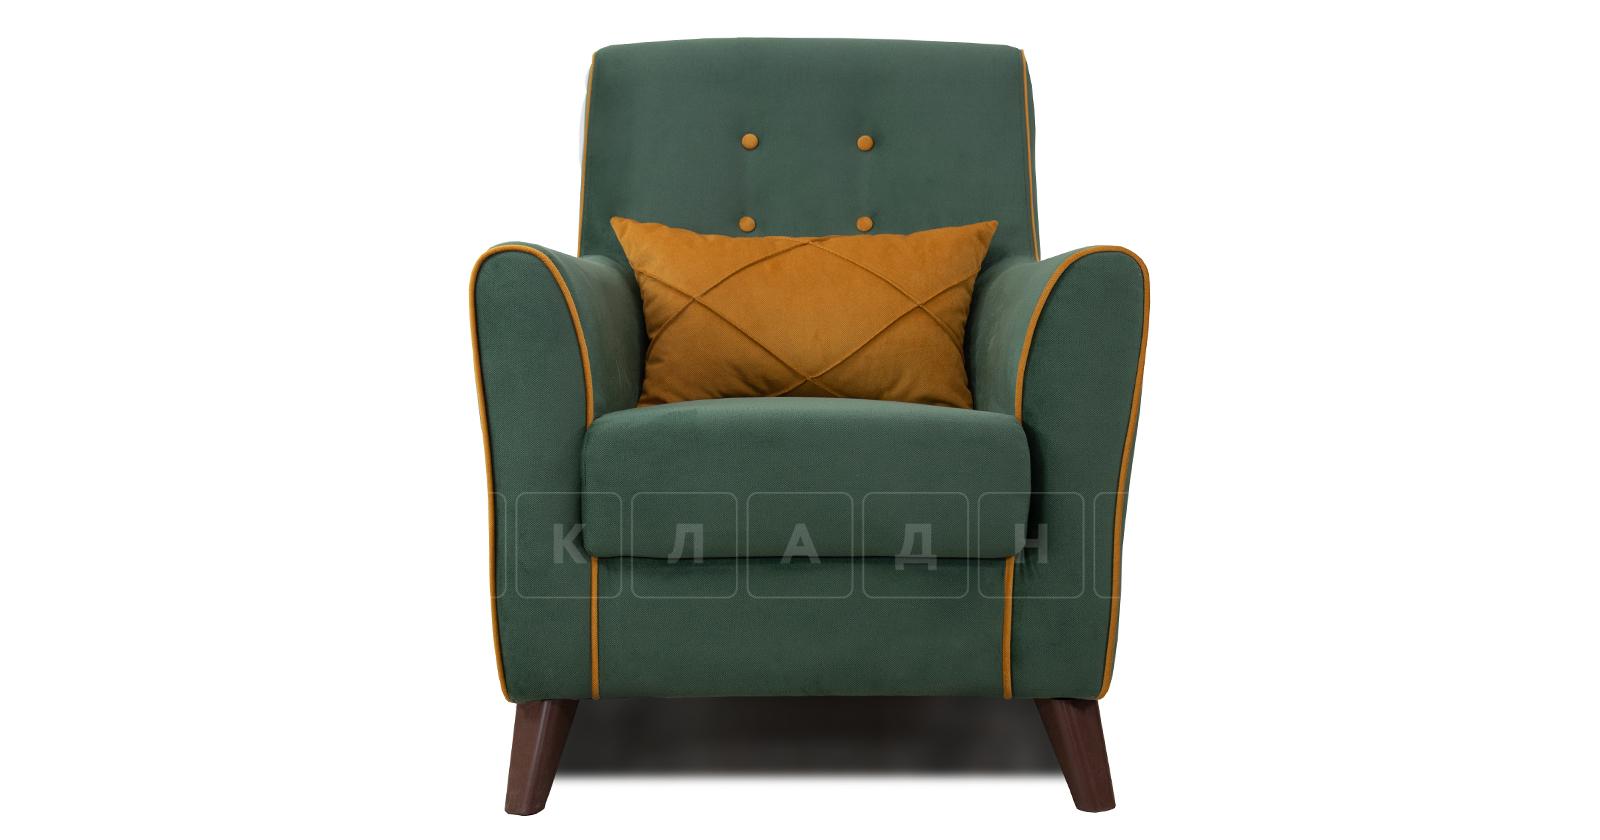 Кресло для отдыха Флэтфорд нефритовый зеленый фото 2 | интернет-магазин Складно